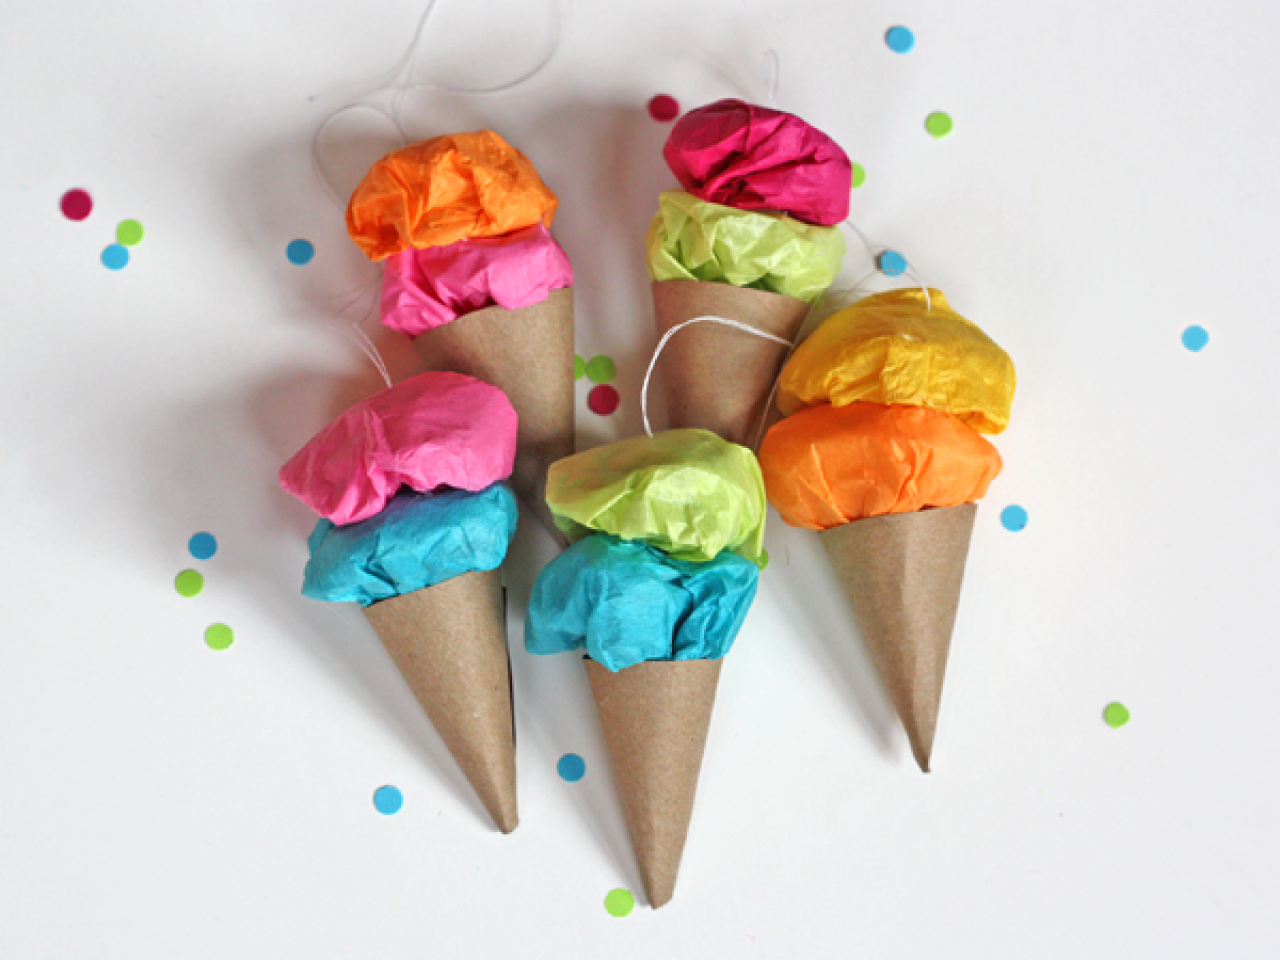 Как делают мороженое своими руками в домашних условиях